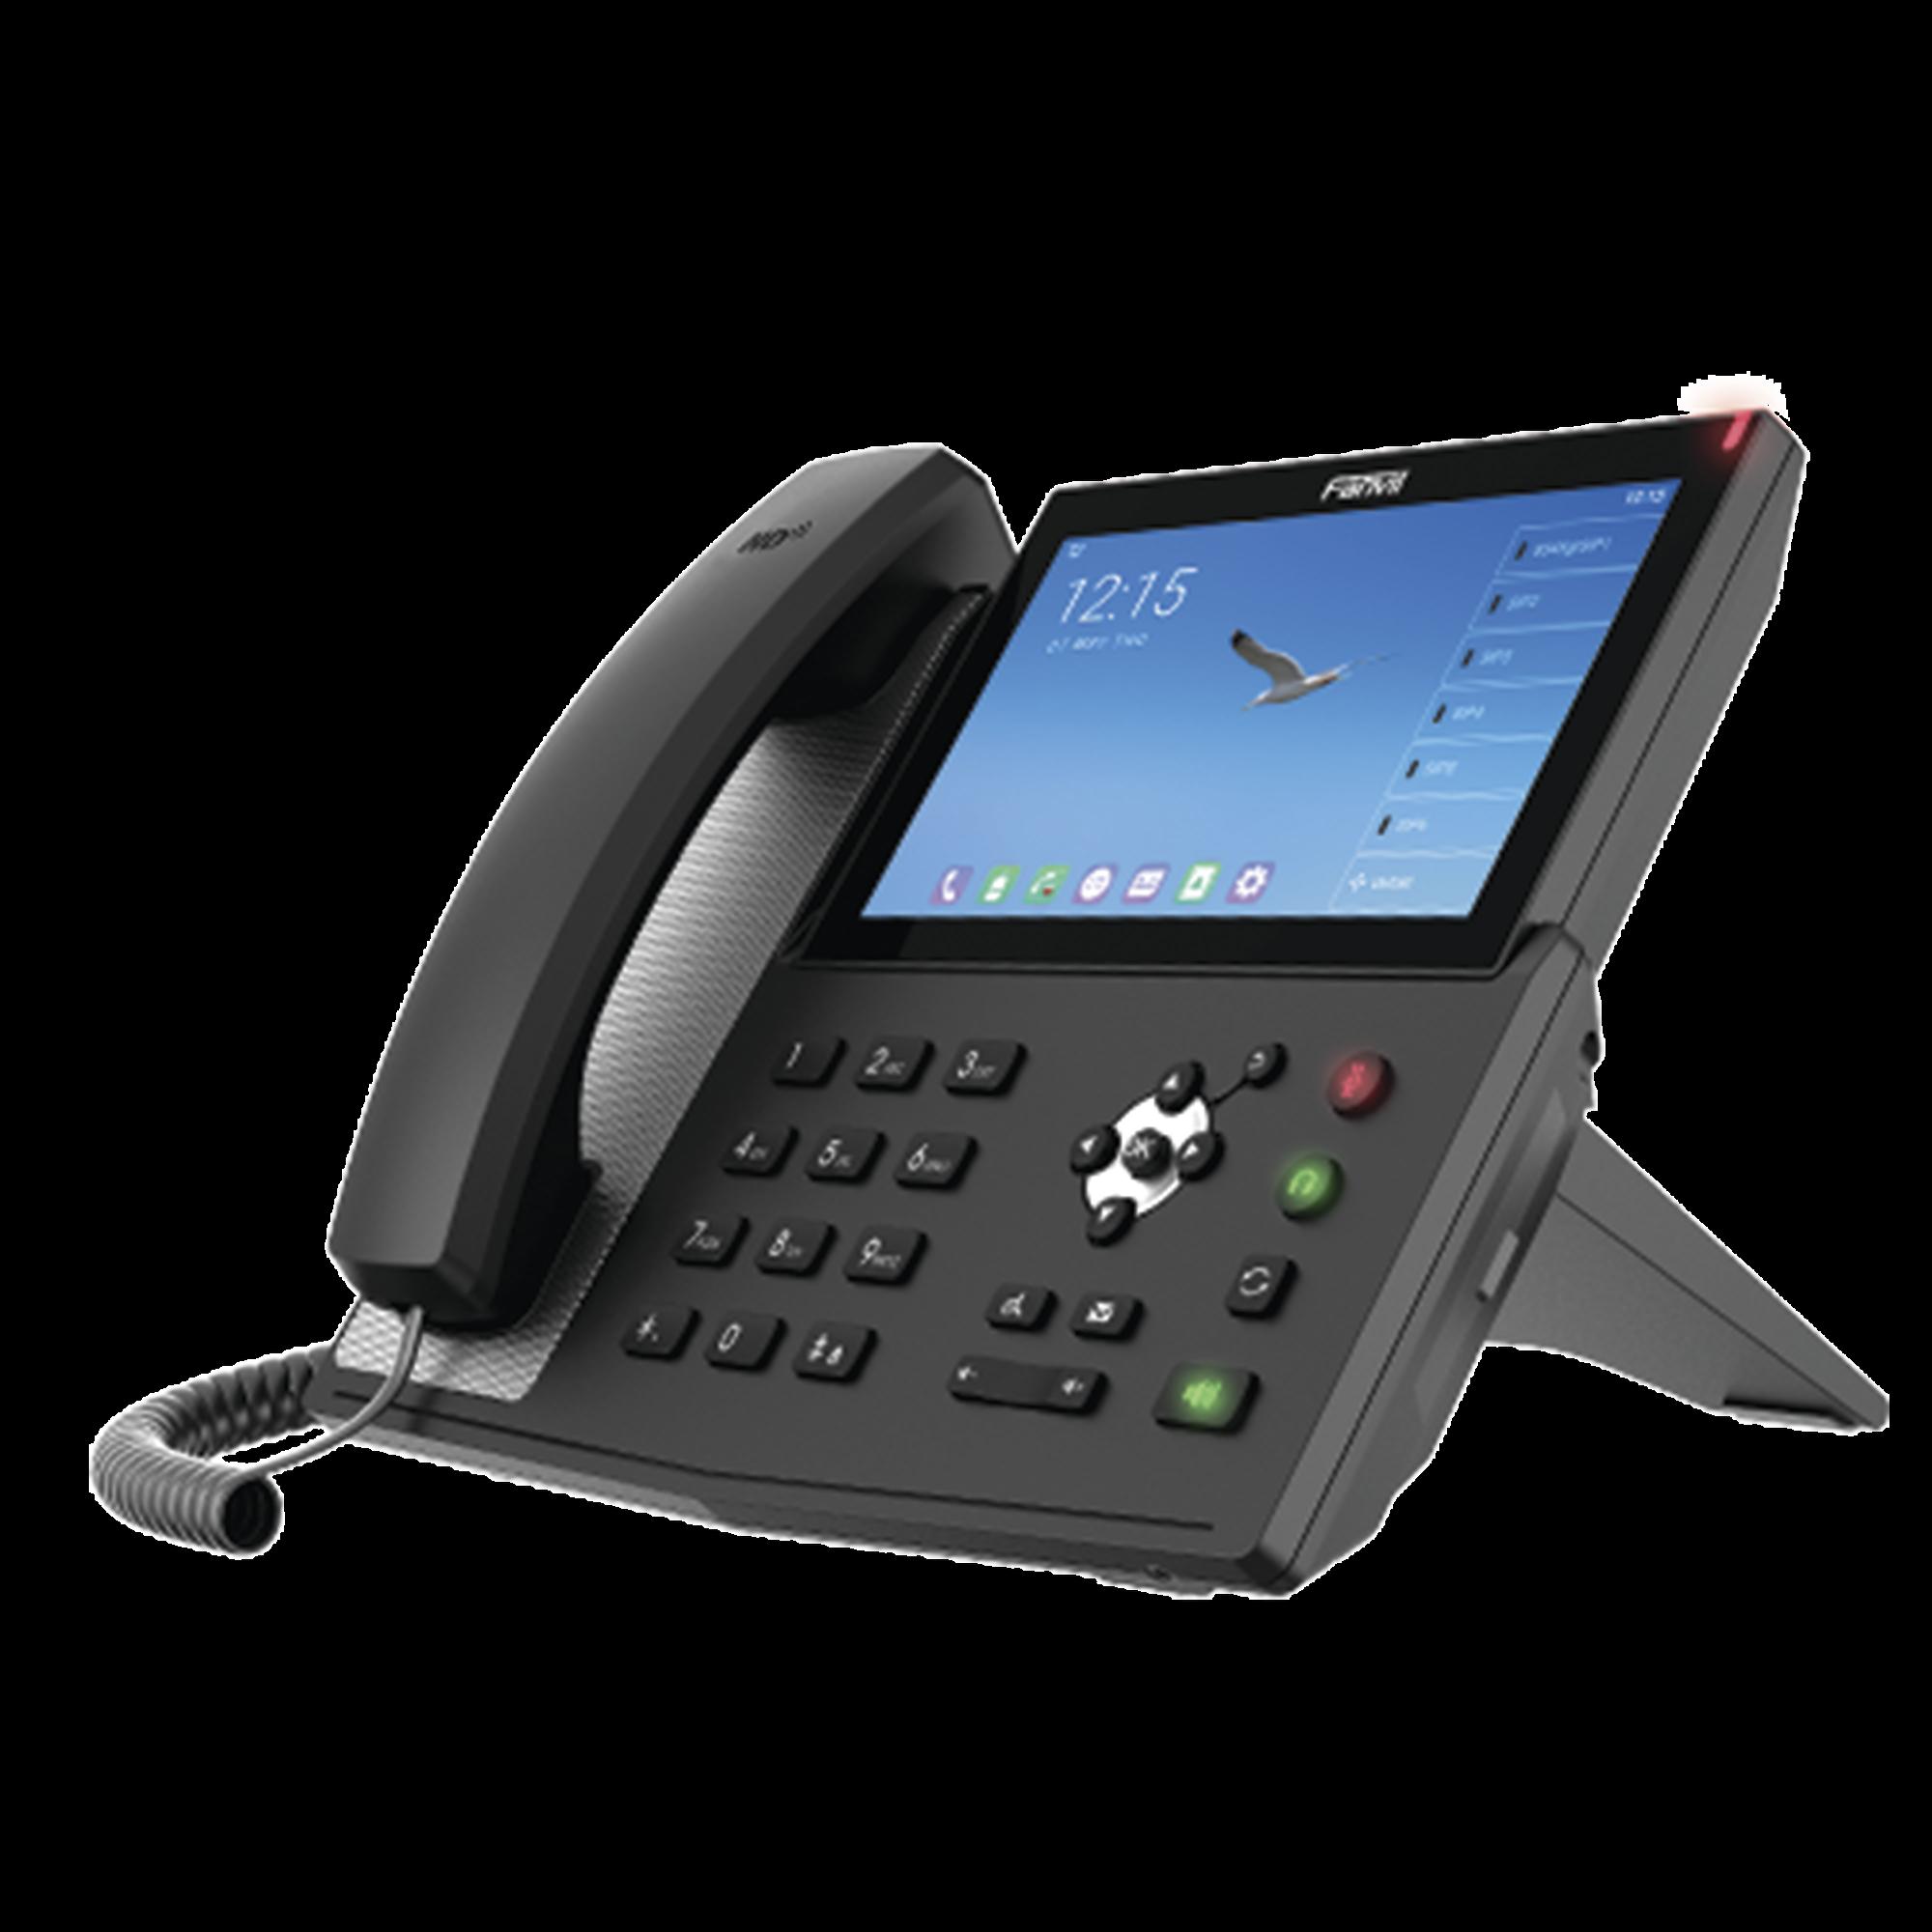 Teléfono IP  Android Empresarial para 20 lineas SIP, pantalla táctil, Wi-Fi y Bluetooth, PoE, hasta 112 botones DSS, puertos Gigabit, soporta recepcion de video.